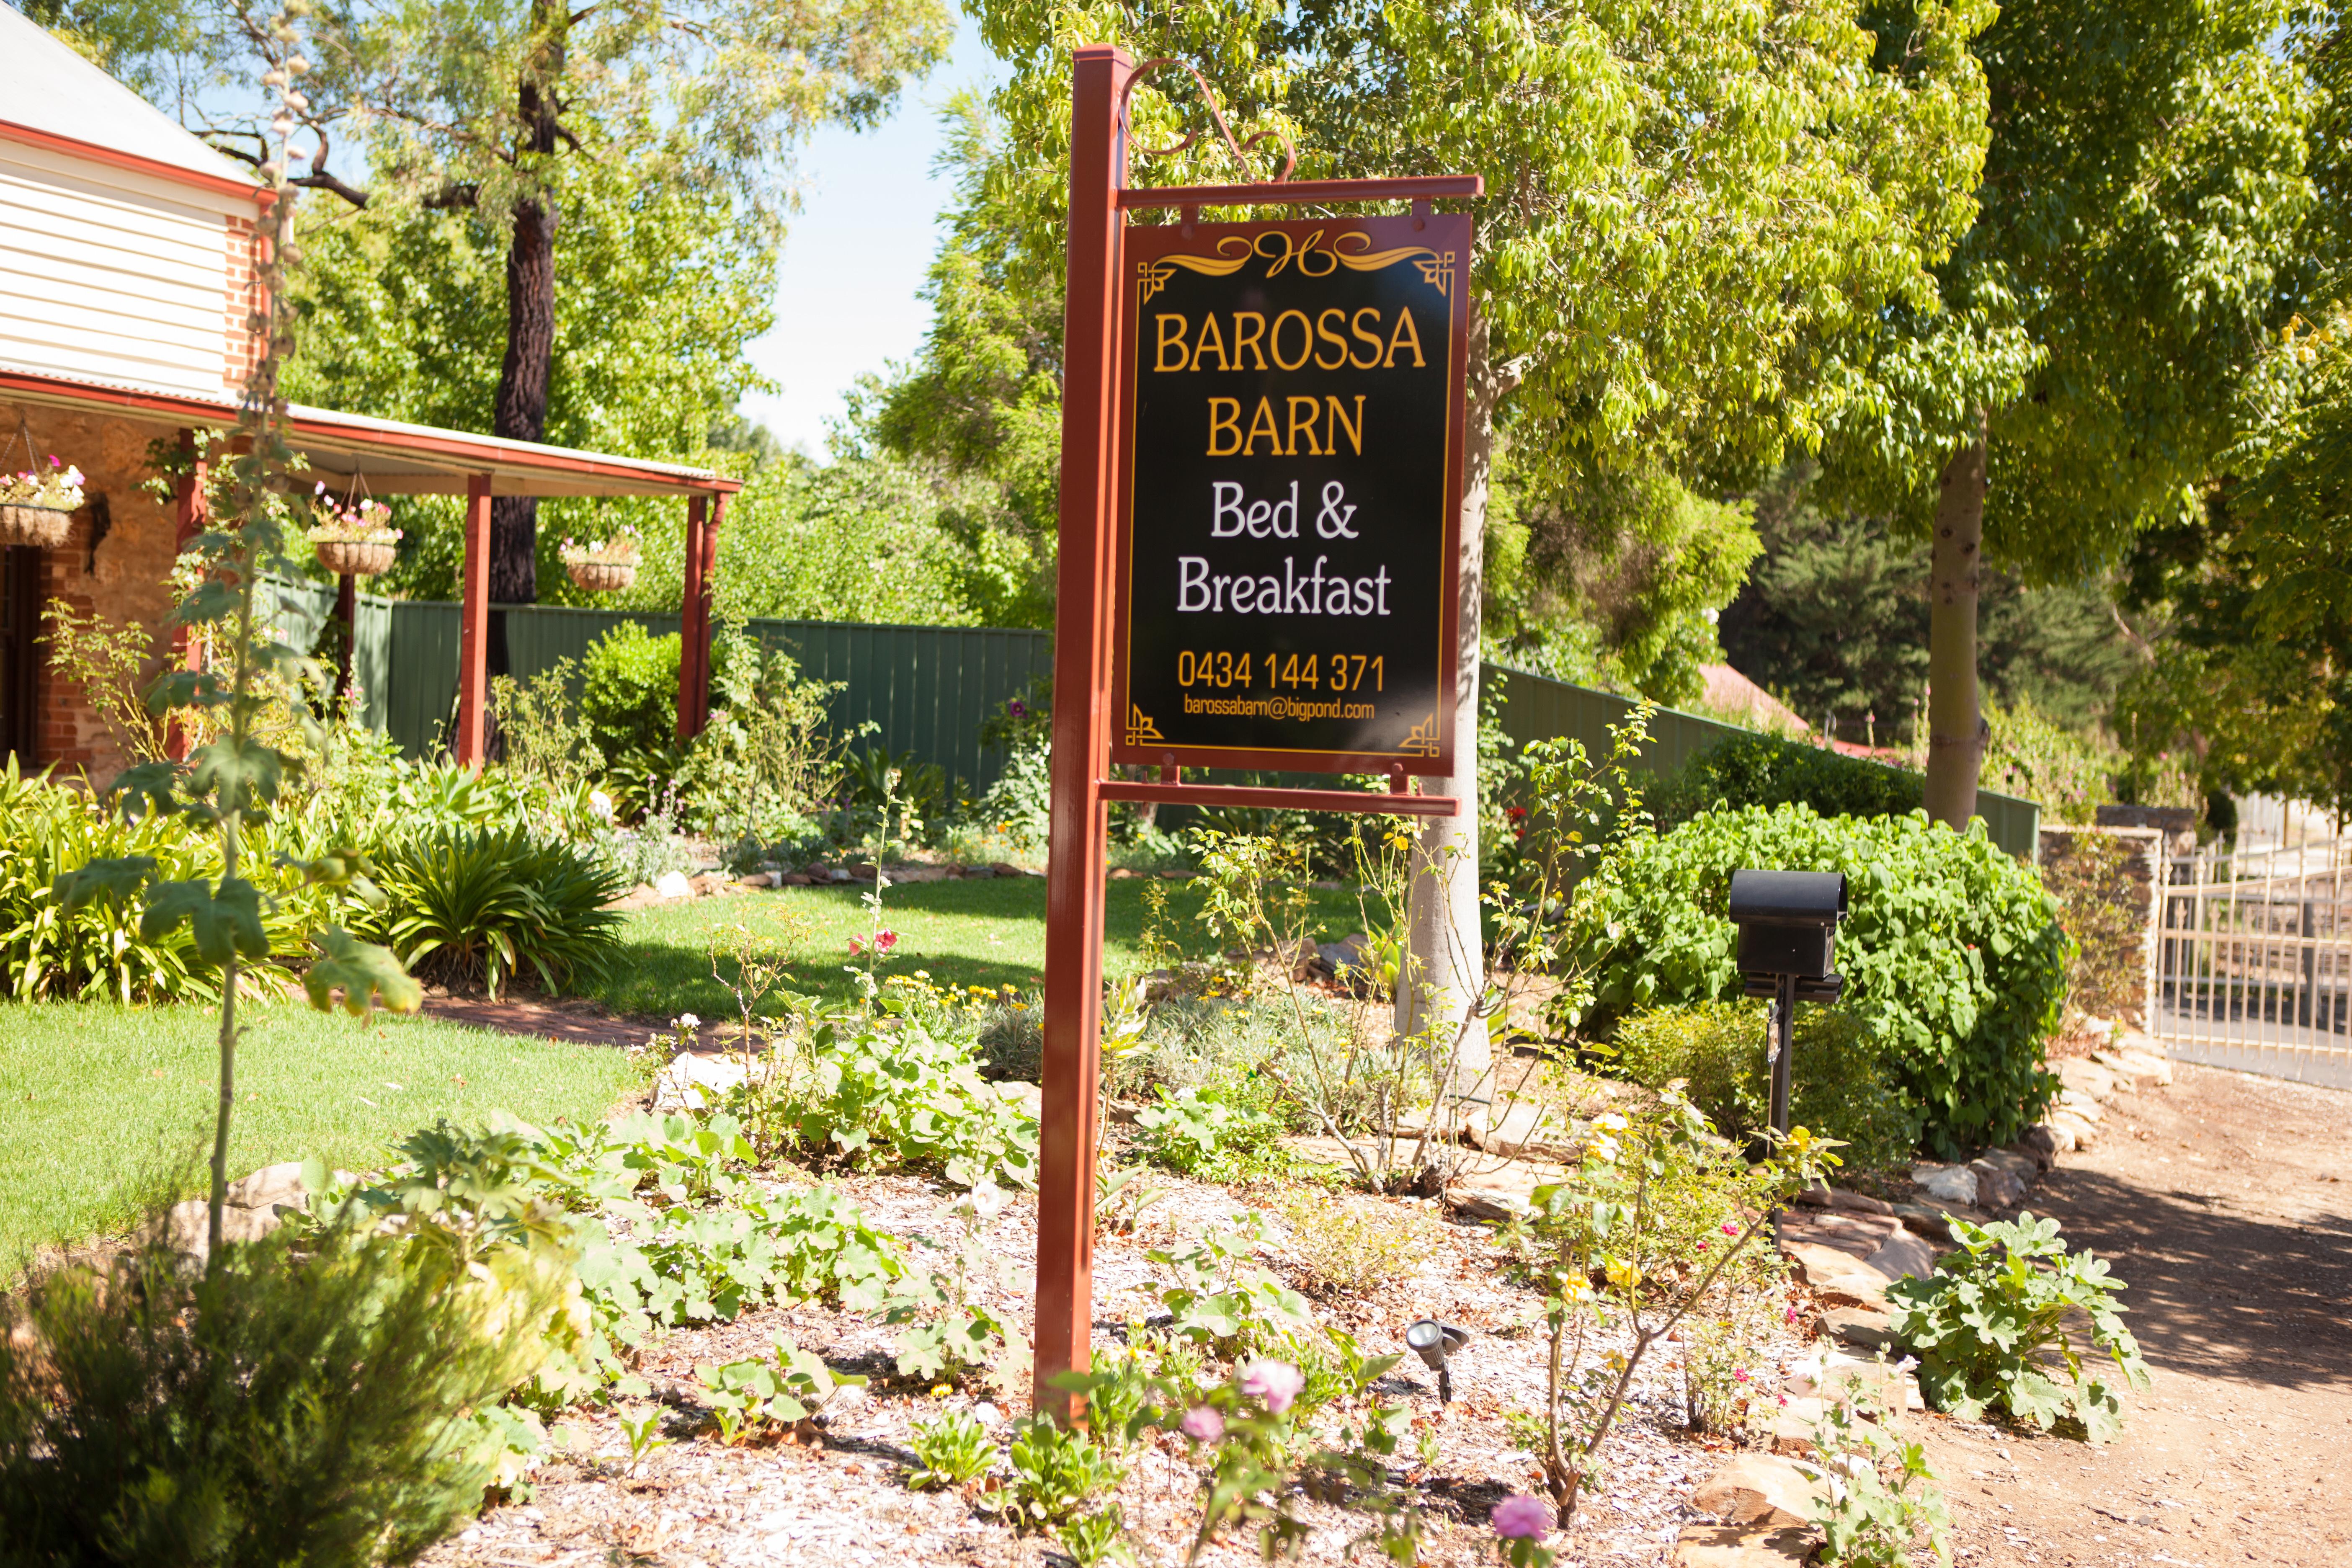 Barossa Barn B&B Signage